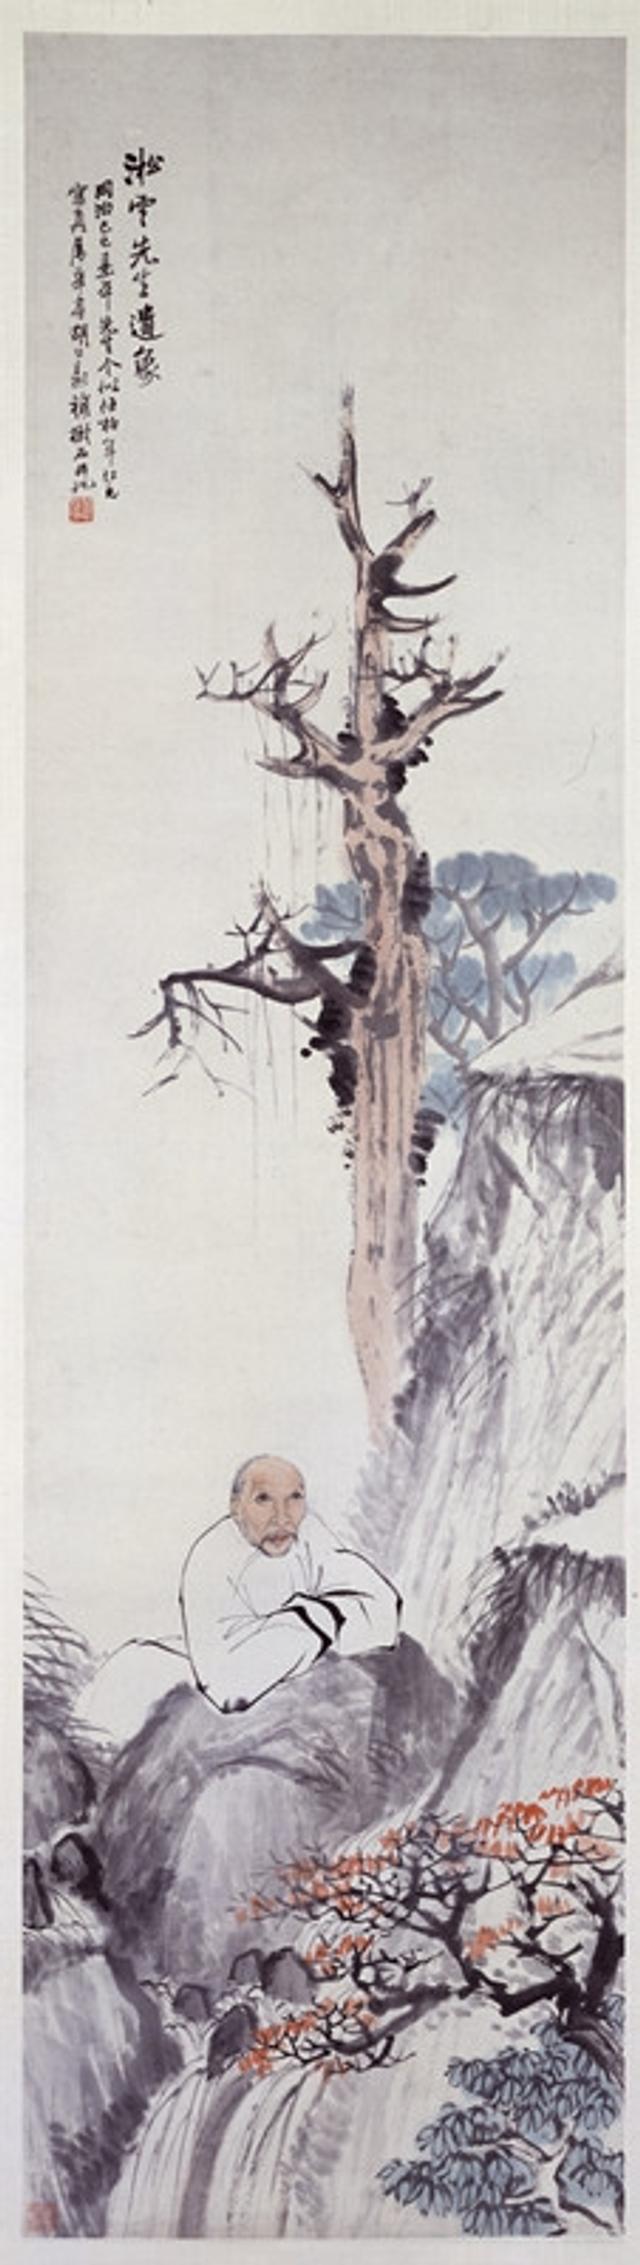 任伯年是海派中承前启后的巨擘,是最著名的海派画家之一。他多能兼善,绘画题材广泛,意趣盎然,技艺超妙,生前身后声誉极高。作为辽宁省博物馆藏近现代名家作品系列之一,展览将全面展示任伯年的绘画艺术,解读他在借古以开今、用洋以为中的认识与实践。